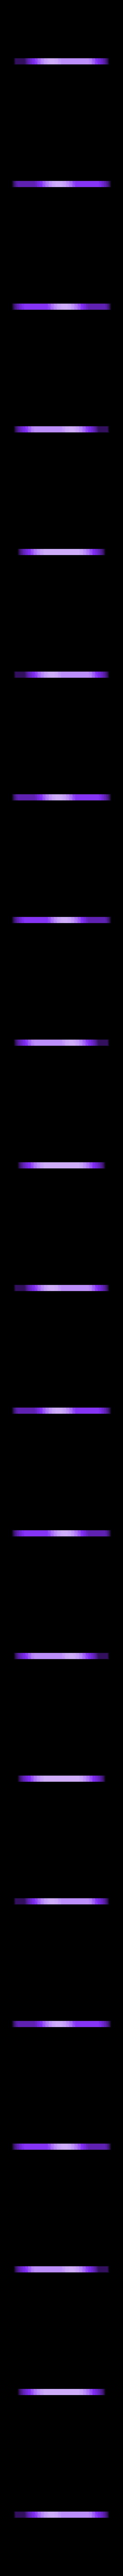 hollow jedi token.STL Télécharger fichier STL gratuit jeton creux Jedi • Modèle à imprimer en 3D, pacoag